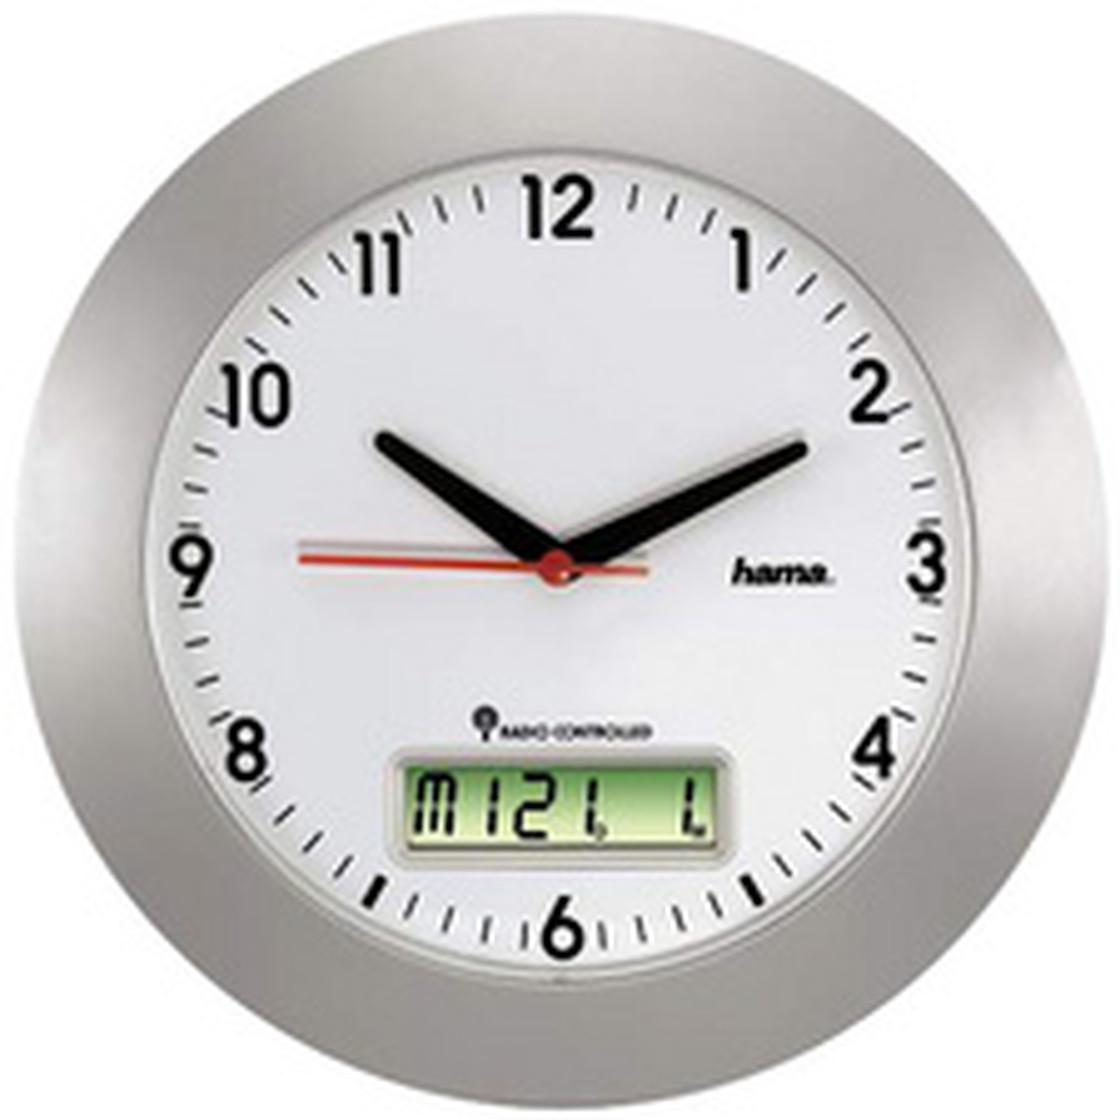 Wanduhr Ø 600 mm Maxi Quarzuhr Uhr silber-weiß CEP Orium